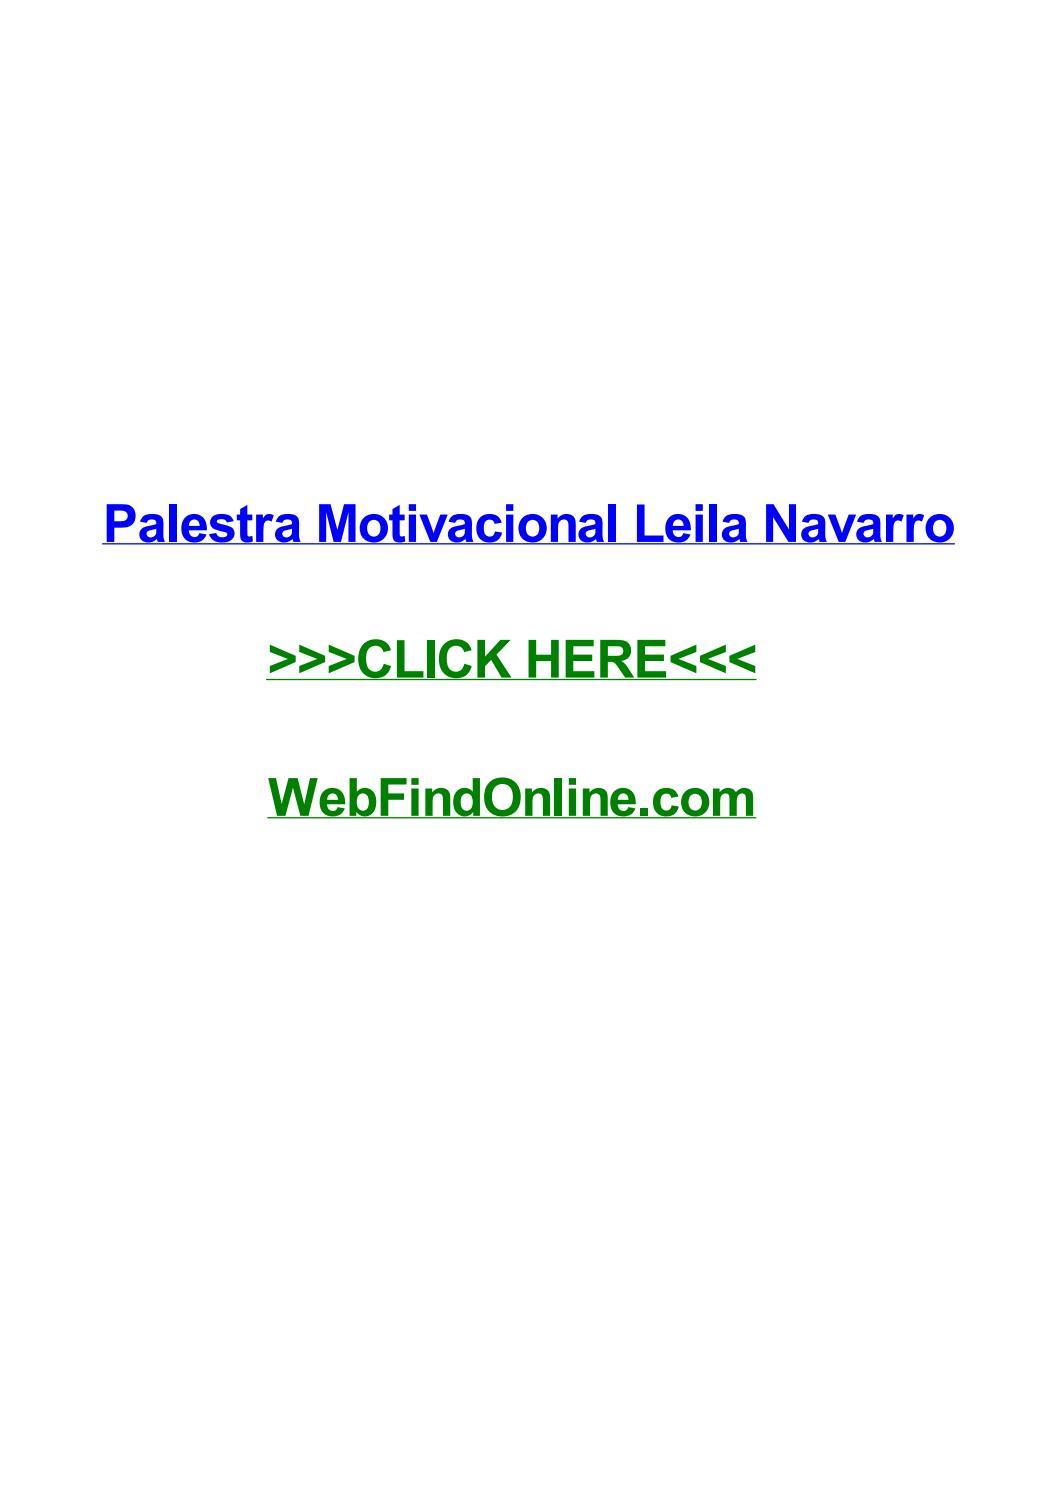 Palestra Motivacional Leila Navarro By Lanaabqm Issuu